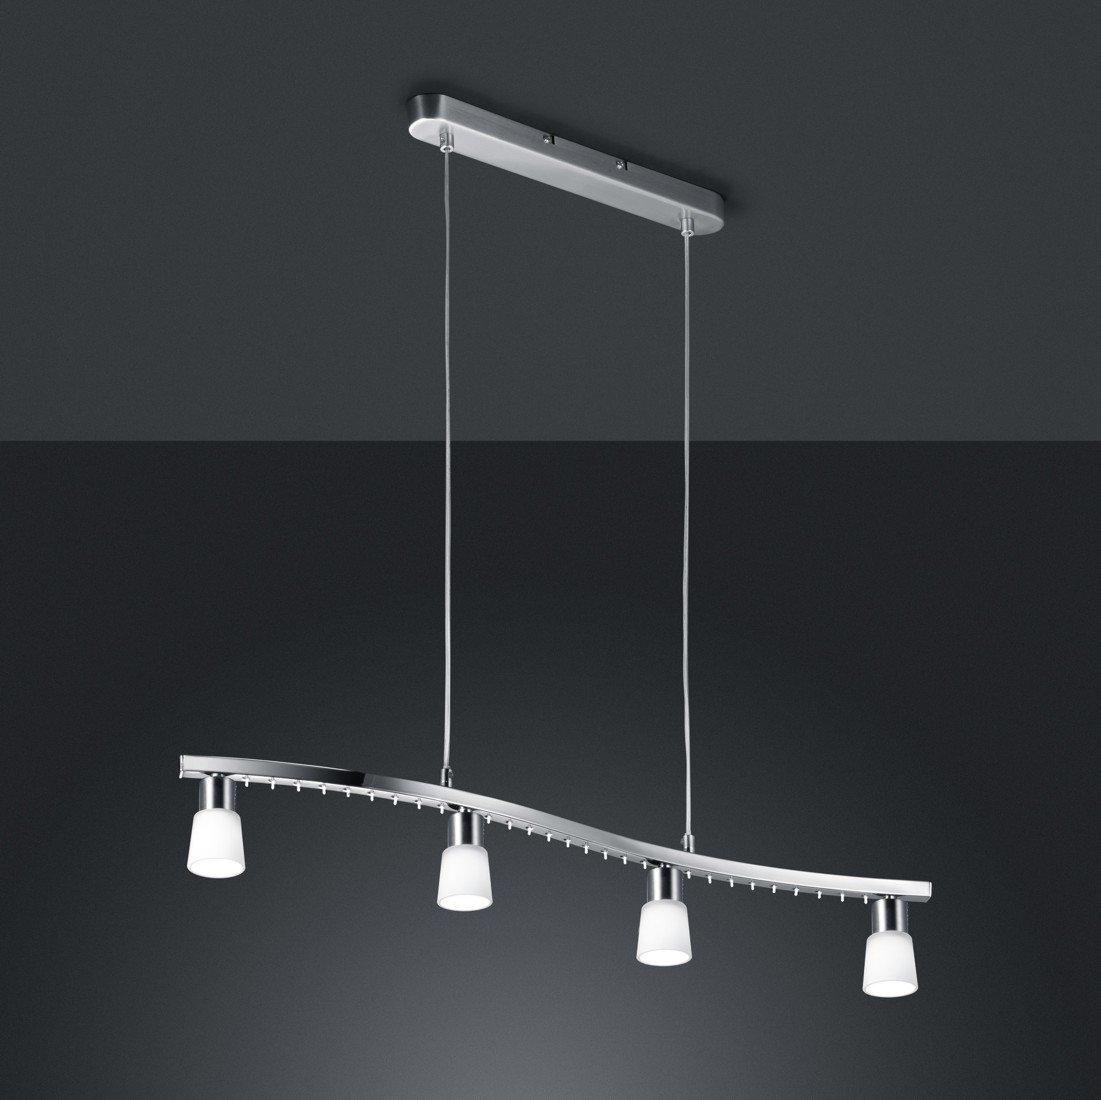 Trio-Leuchten Halogen/LED-Pendelleuchte in nickel matt/chrom, Glas ...